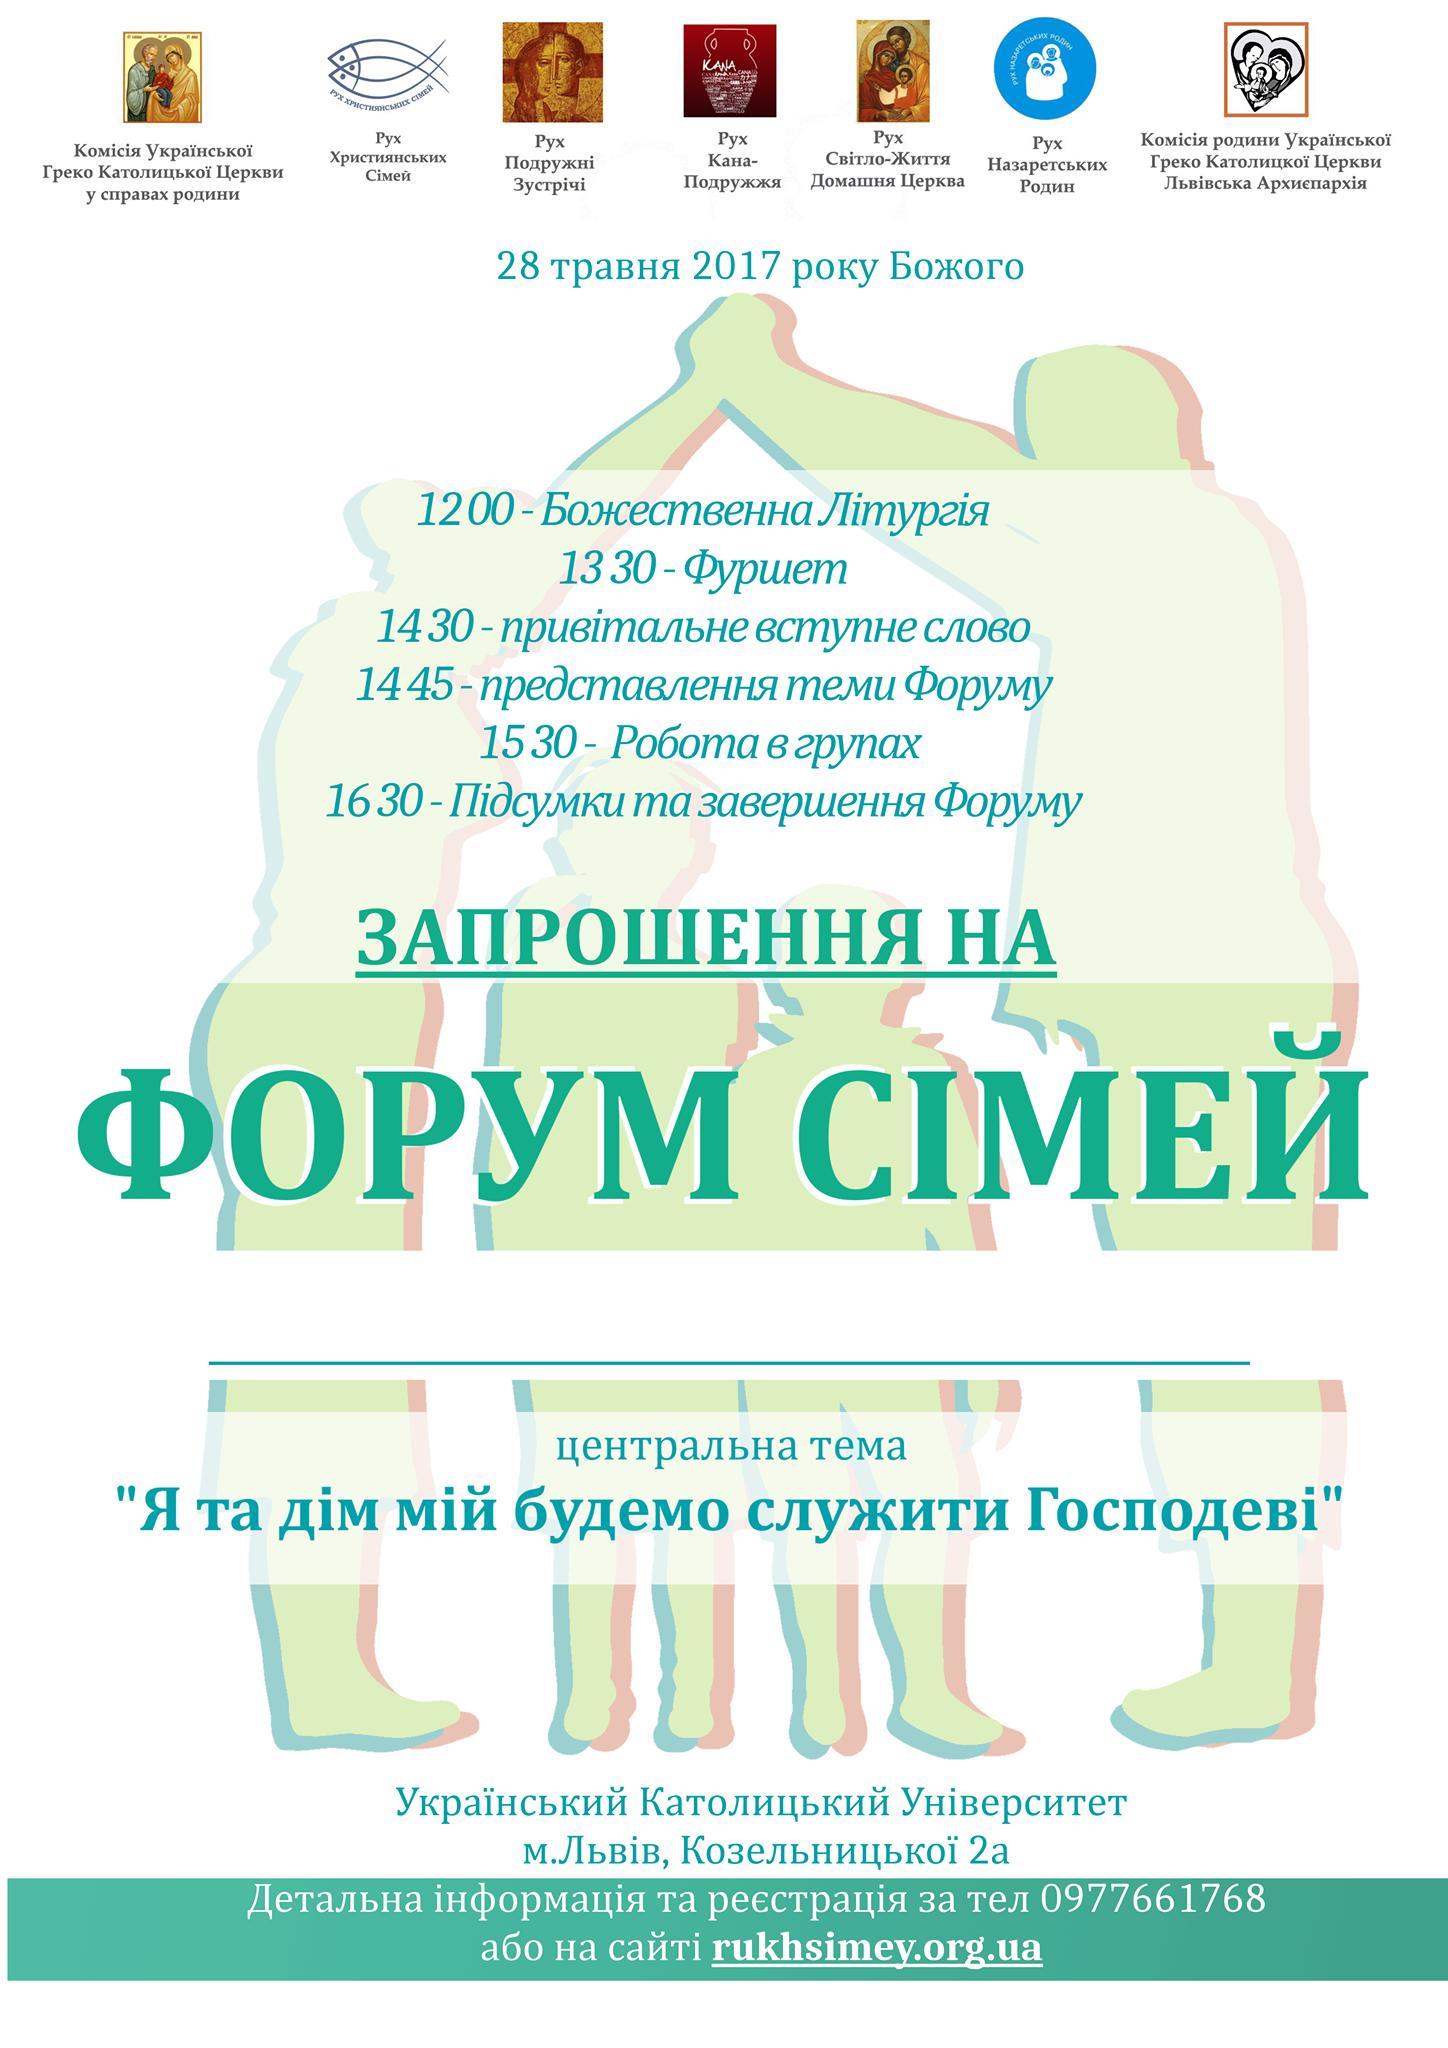 Форум сімей у Львові 28 травня 2017 року